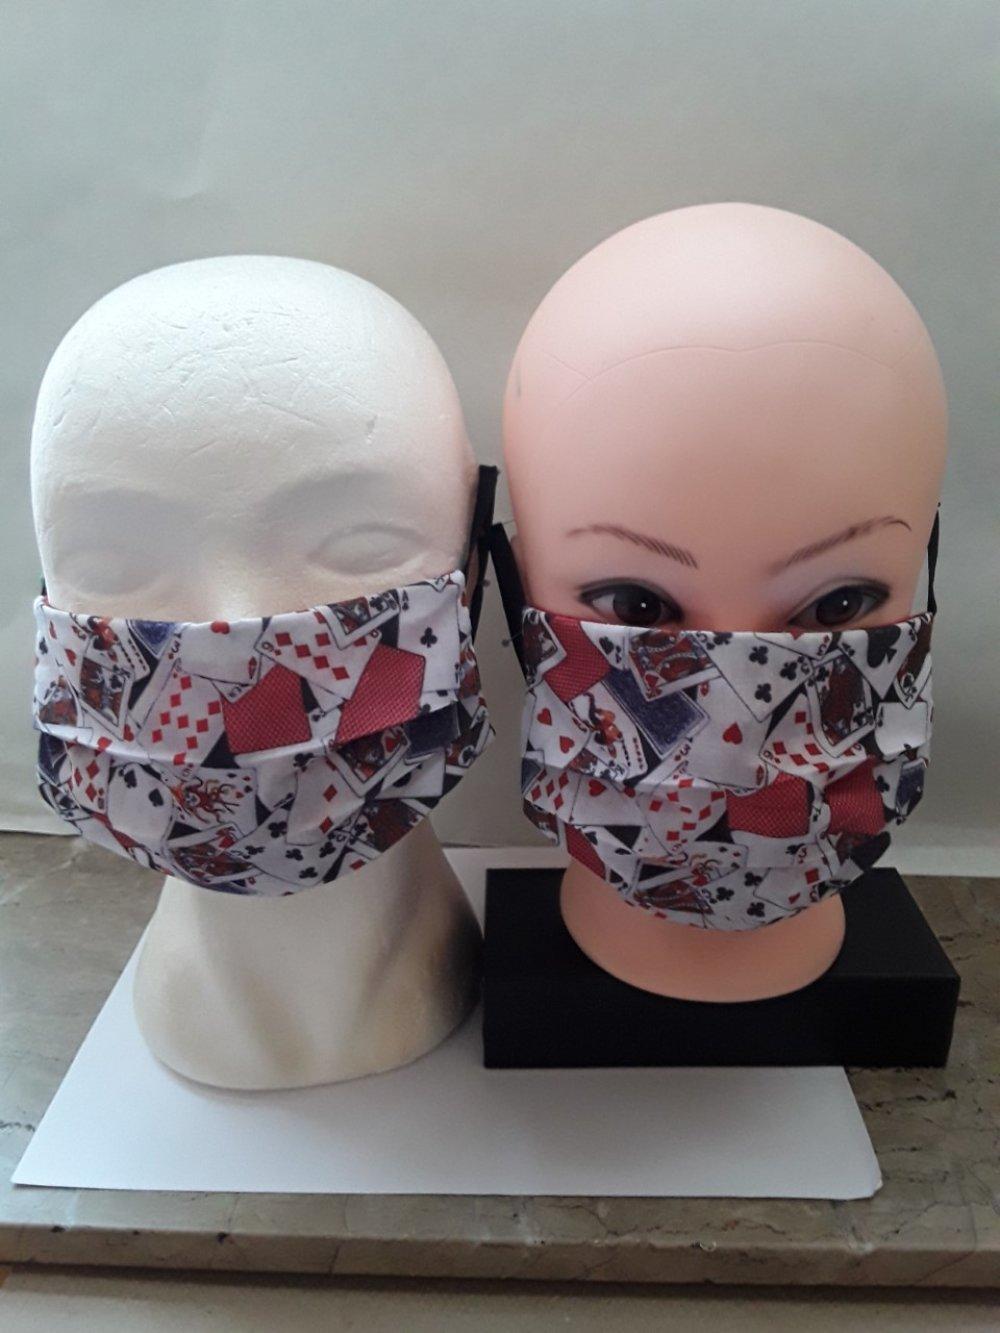 Masque de protection, AS DE PIC ; visage, faciale,, filtrant, poche, , réutilisable, coton coloré, lavable 40 degrés, lot 2 masques